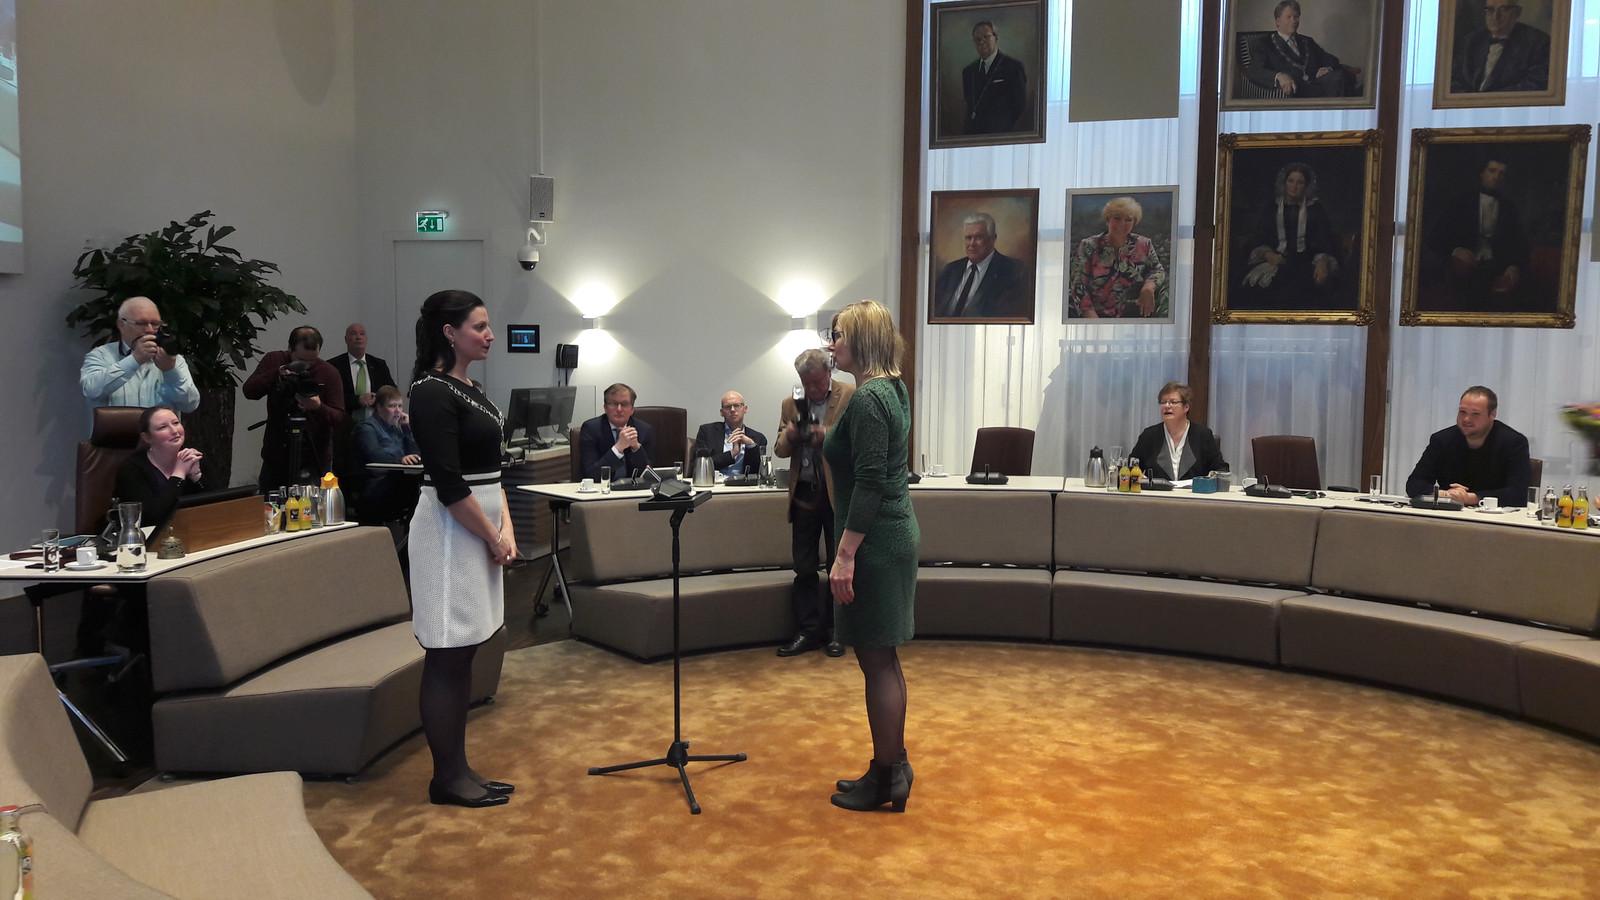 Burgemeester Hanne van Aart installeert Mieke Broeders-Habraken als raadslid voor het CDA.